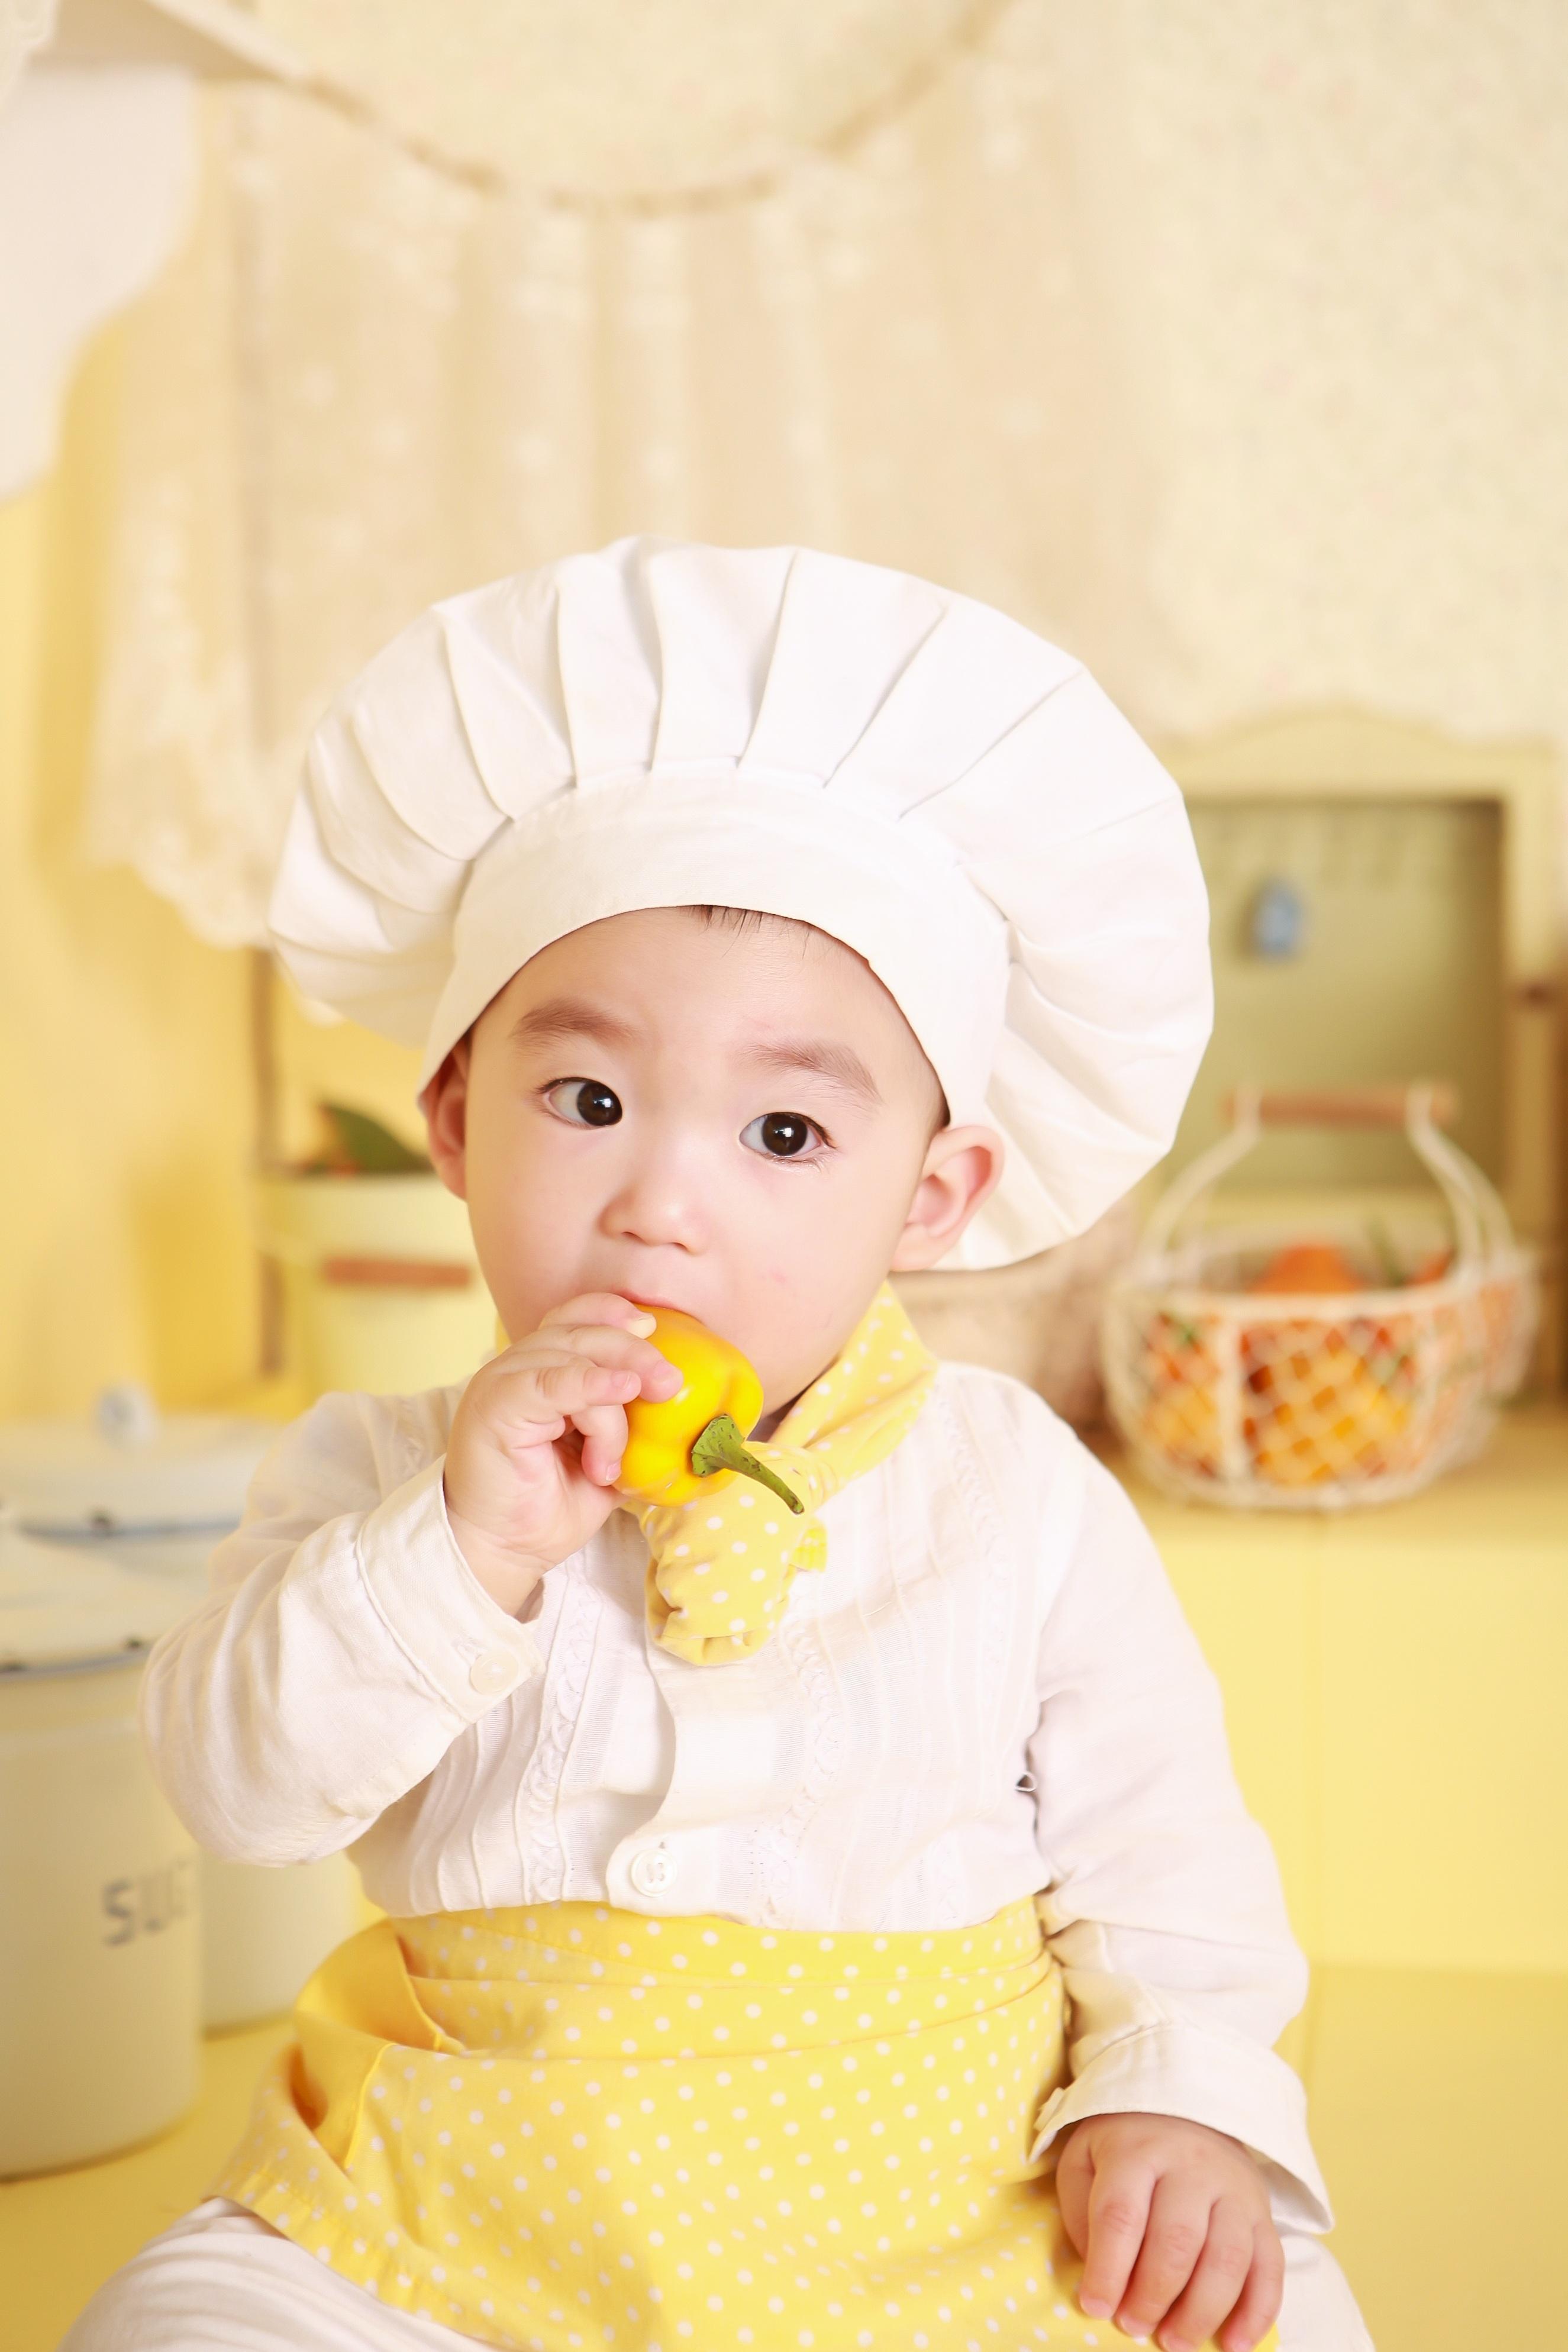 ... Kochen, Klein, Küche, Hut, Gelb, Gesund, Baby, Kindheit, Koch, Produkt,  Essen, Kleid, Säugling, Kleinkind, Abendessen, Bäcker, Wenig, Haut,  Entzückend, ...